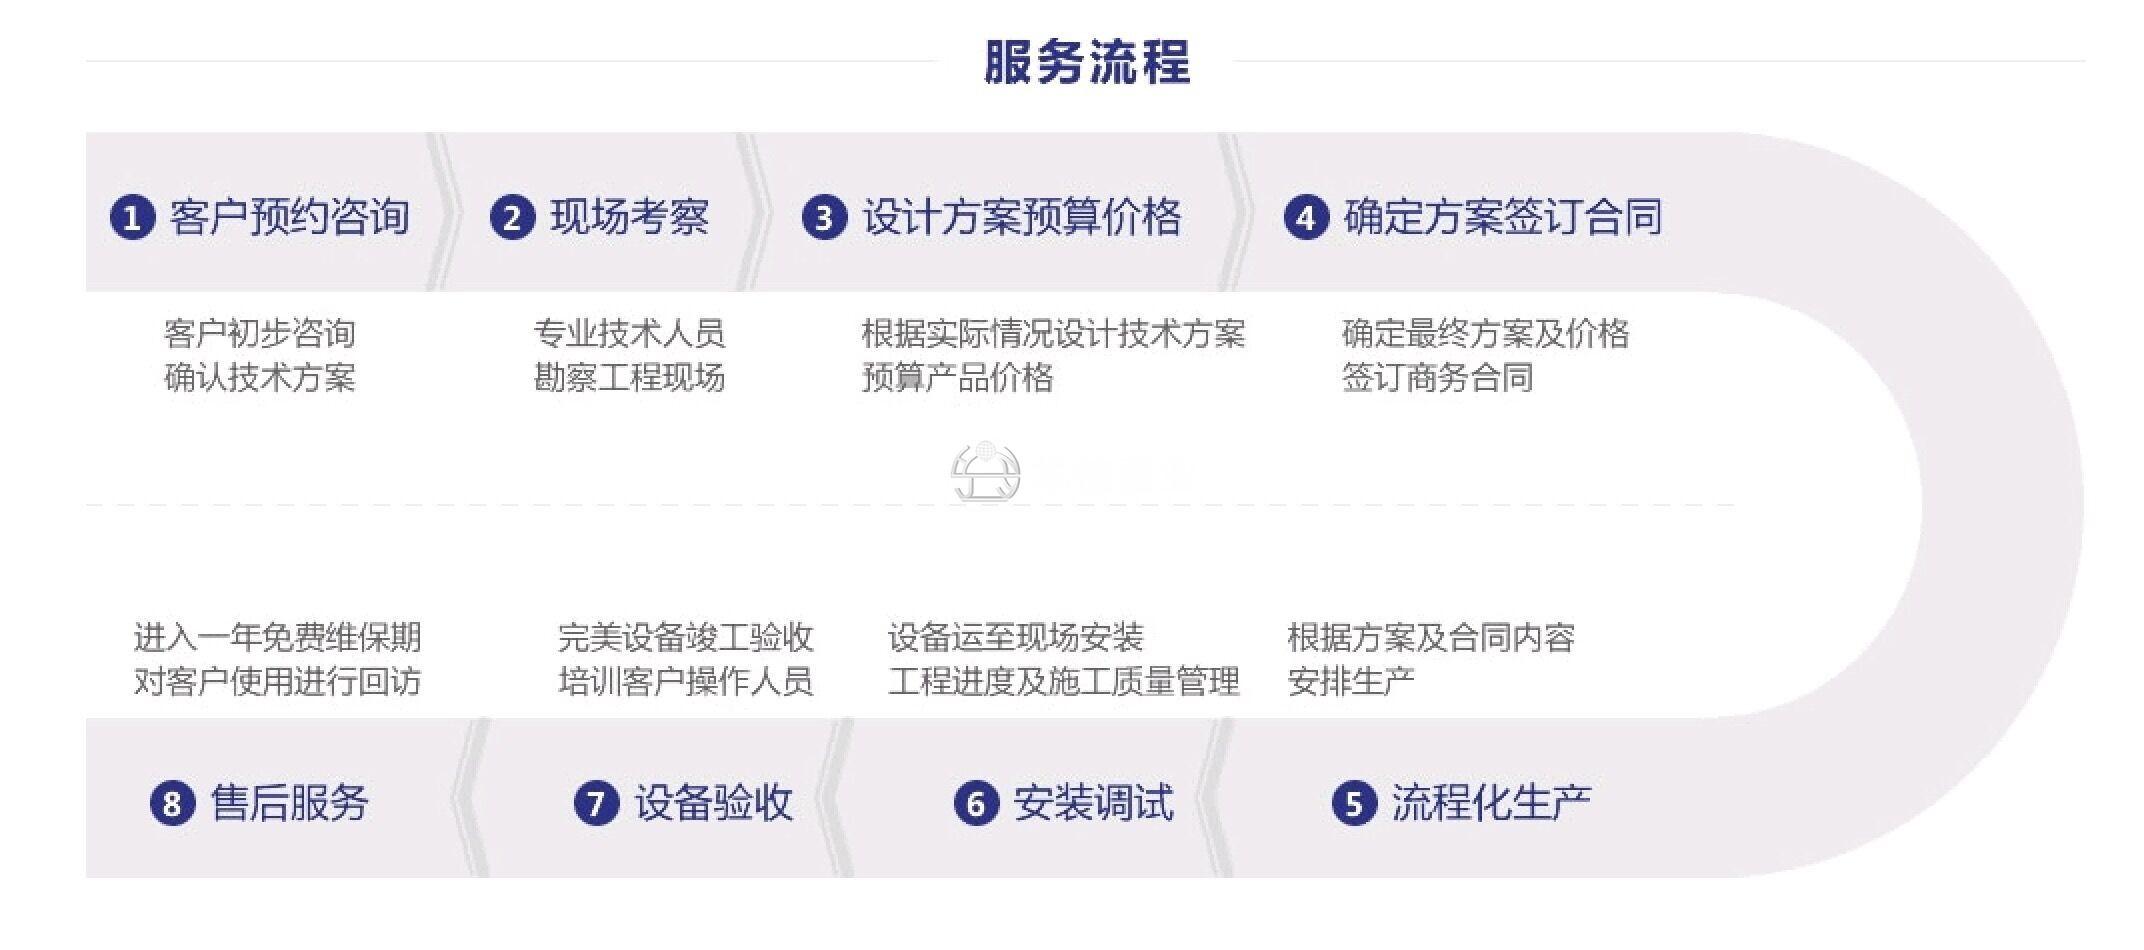 华楠骏业服务流程